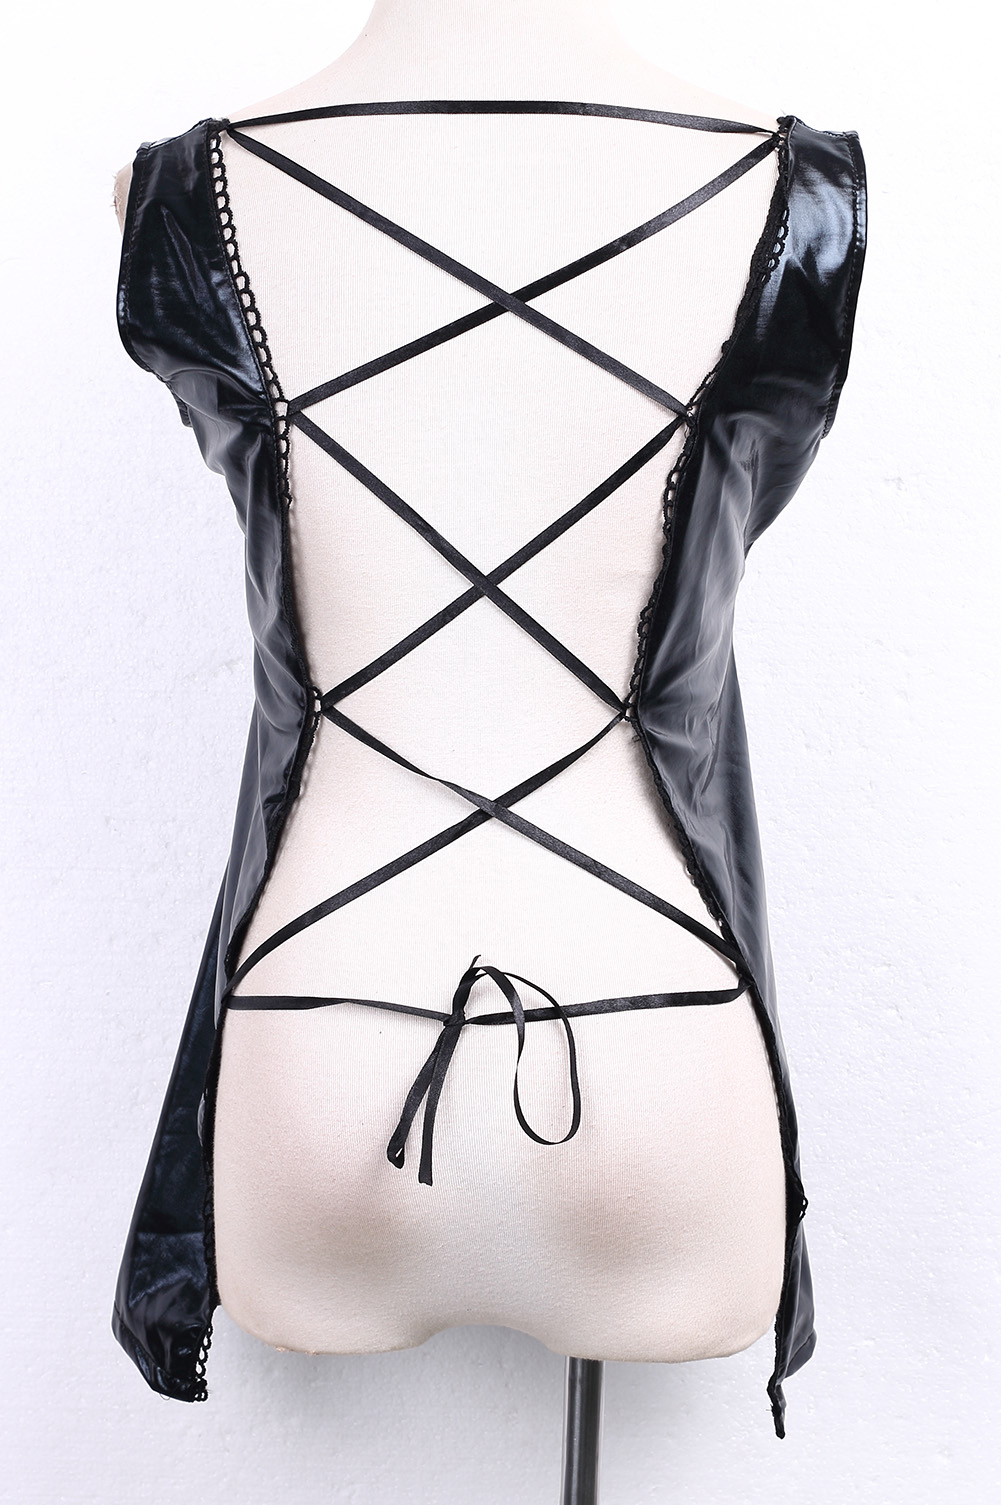 Сексуальное платье из искусственной кожи ПВХ Клубное Бандажное платье мини-платья женская черная Клубная одежда на шнуровке Клубная одежда с эффектом мокрой кожи оптовая продажа